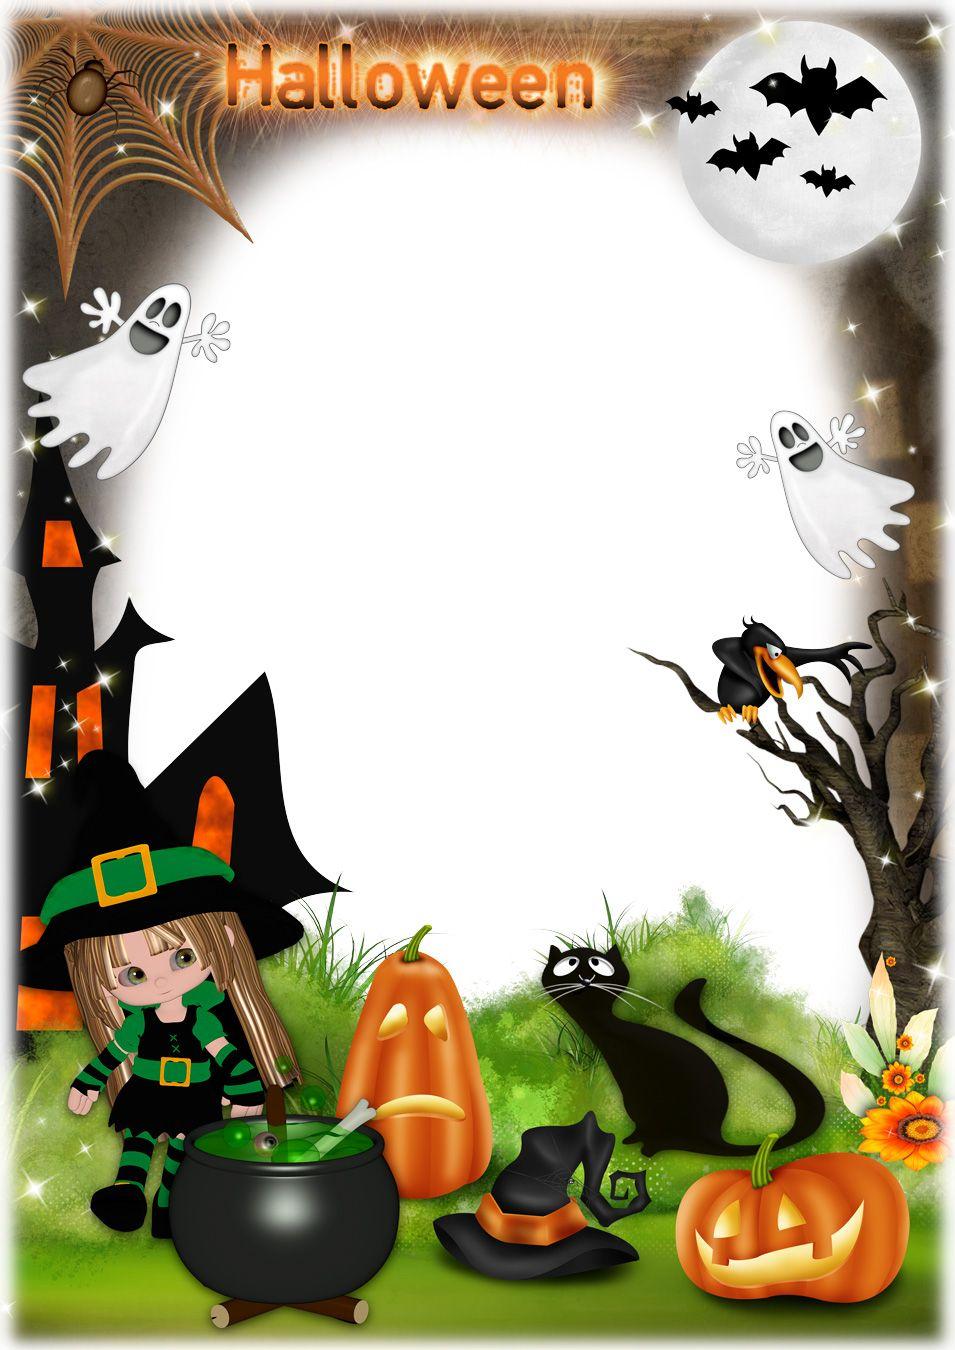 Картинки по запросу рамки хэллоуин | Хэллоуин, Рамки, Картинки